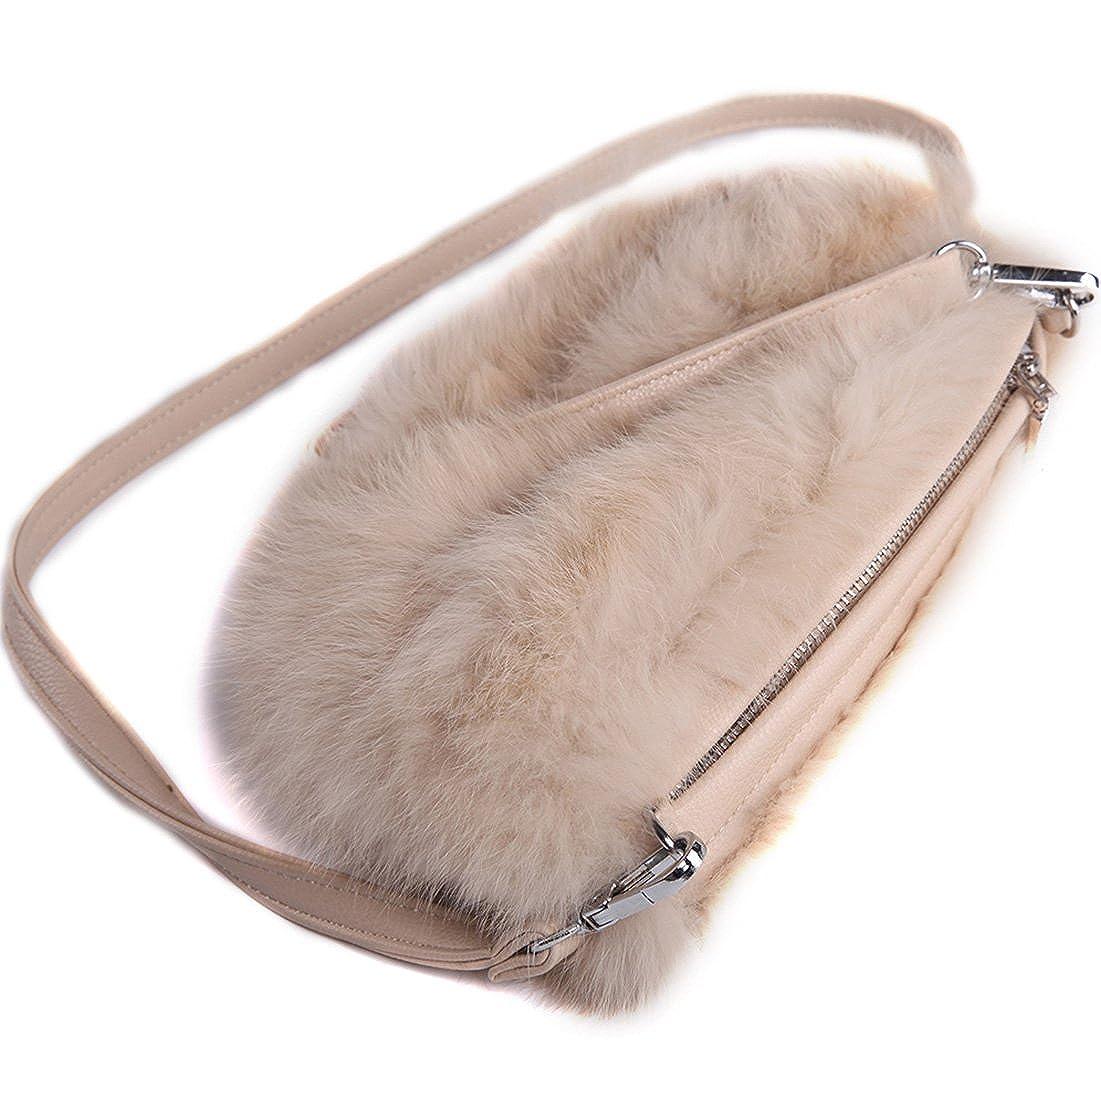 URSFUR Modische Handwärmer aus Echte Kaninchen Fell Tasche Schulranzen Umhängetasche Geldbörse Pelzmuff Handschuh Mufftasche SLB-12-3-DE-gcid